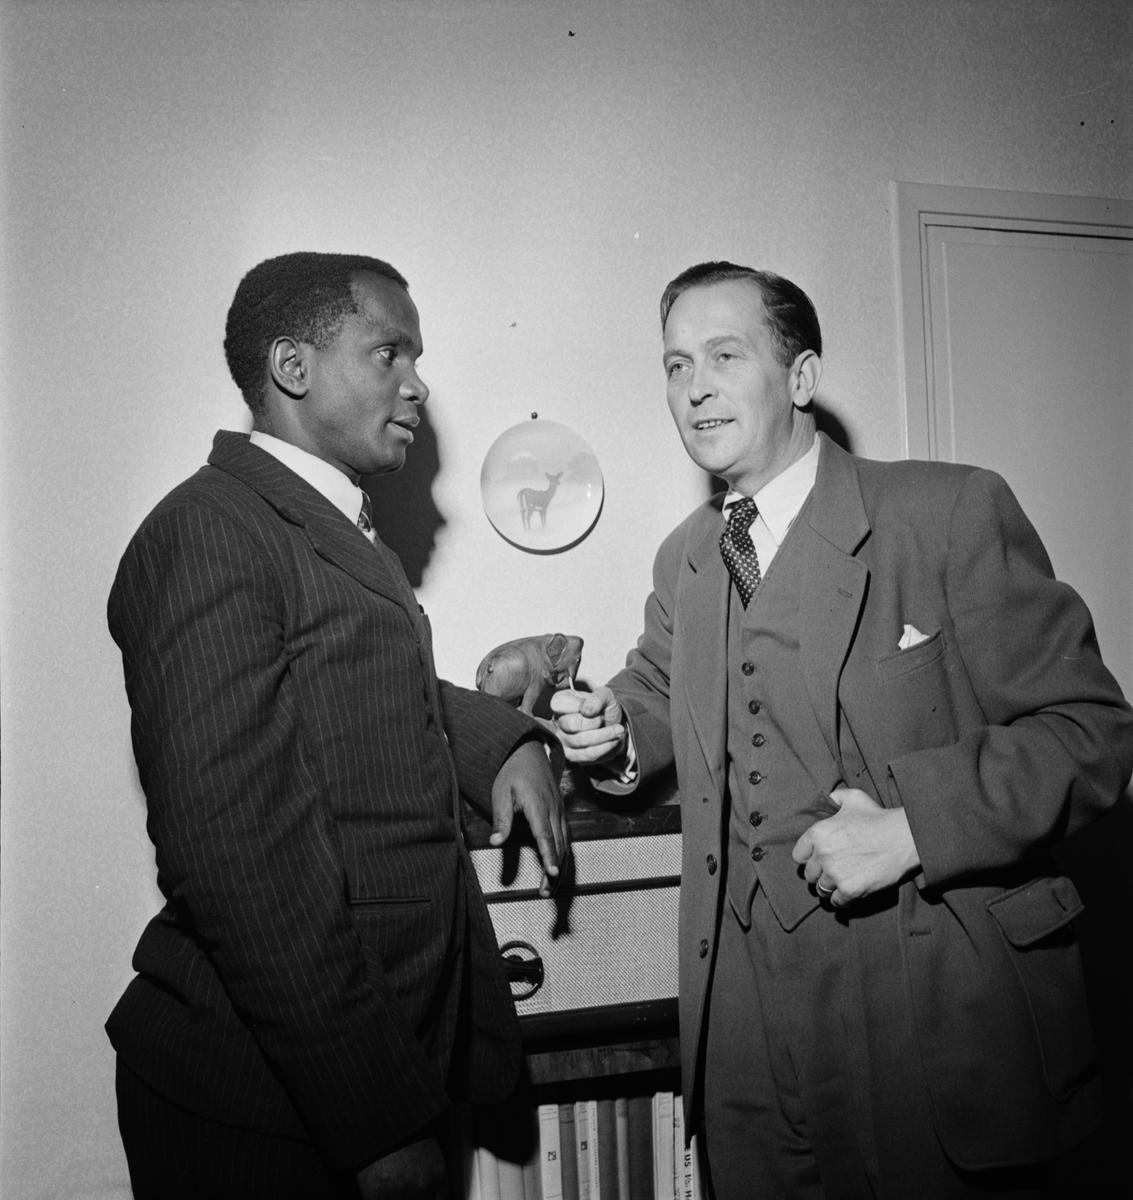 Mr Sospater K Zahoro från Bukoba i Tanzania samtalar med missionssekreterare Göran Widmark på Svenska kyrkans mission, Uppsala 1952